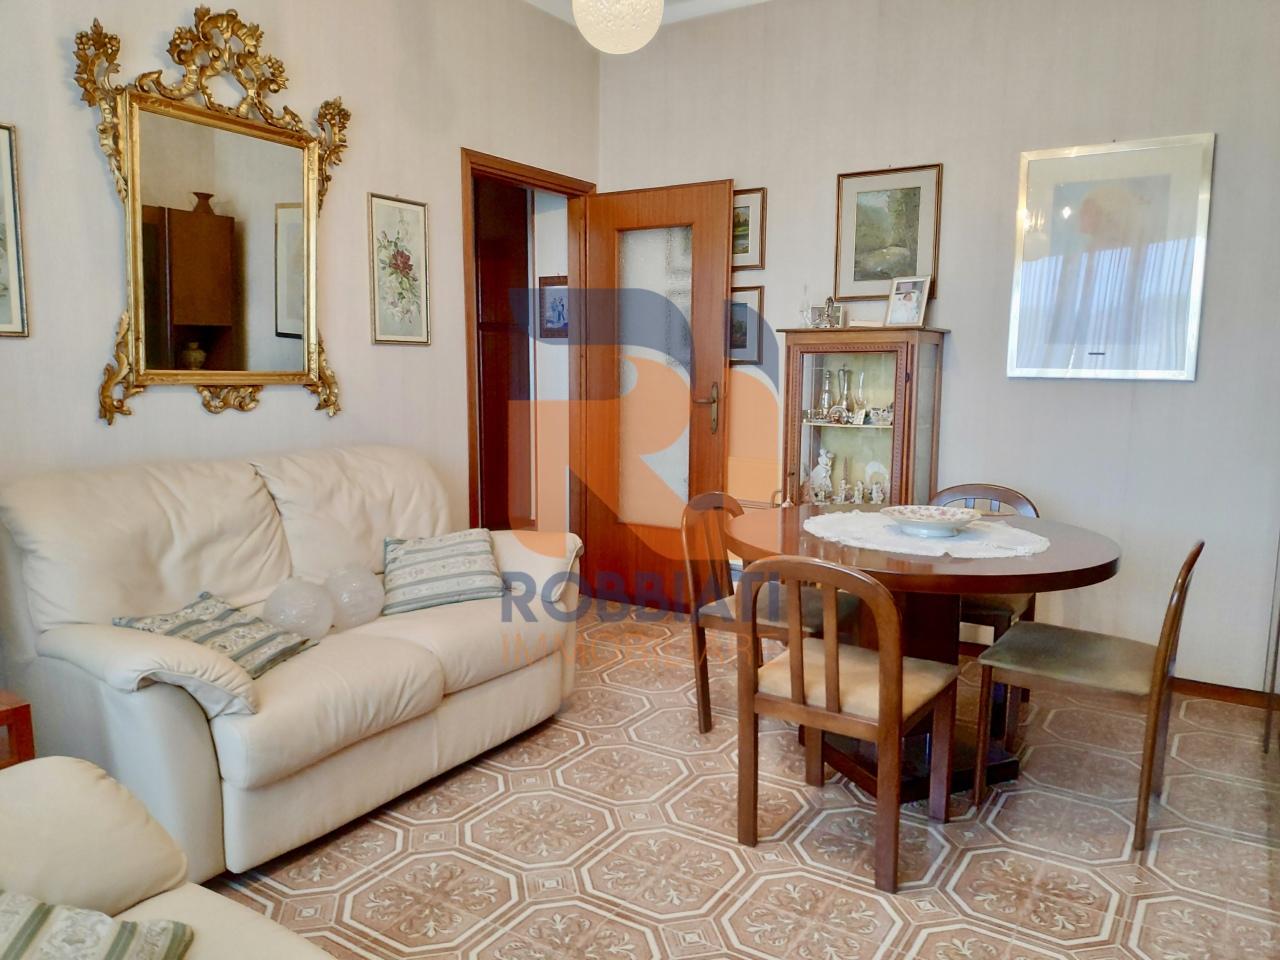 Appartamento in vendita a San Martino Siccomario, 2 locali, prezzo € 65.000 | PortaleAgenzieImmobiliari.it